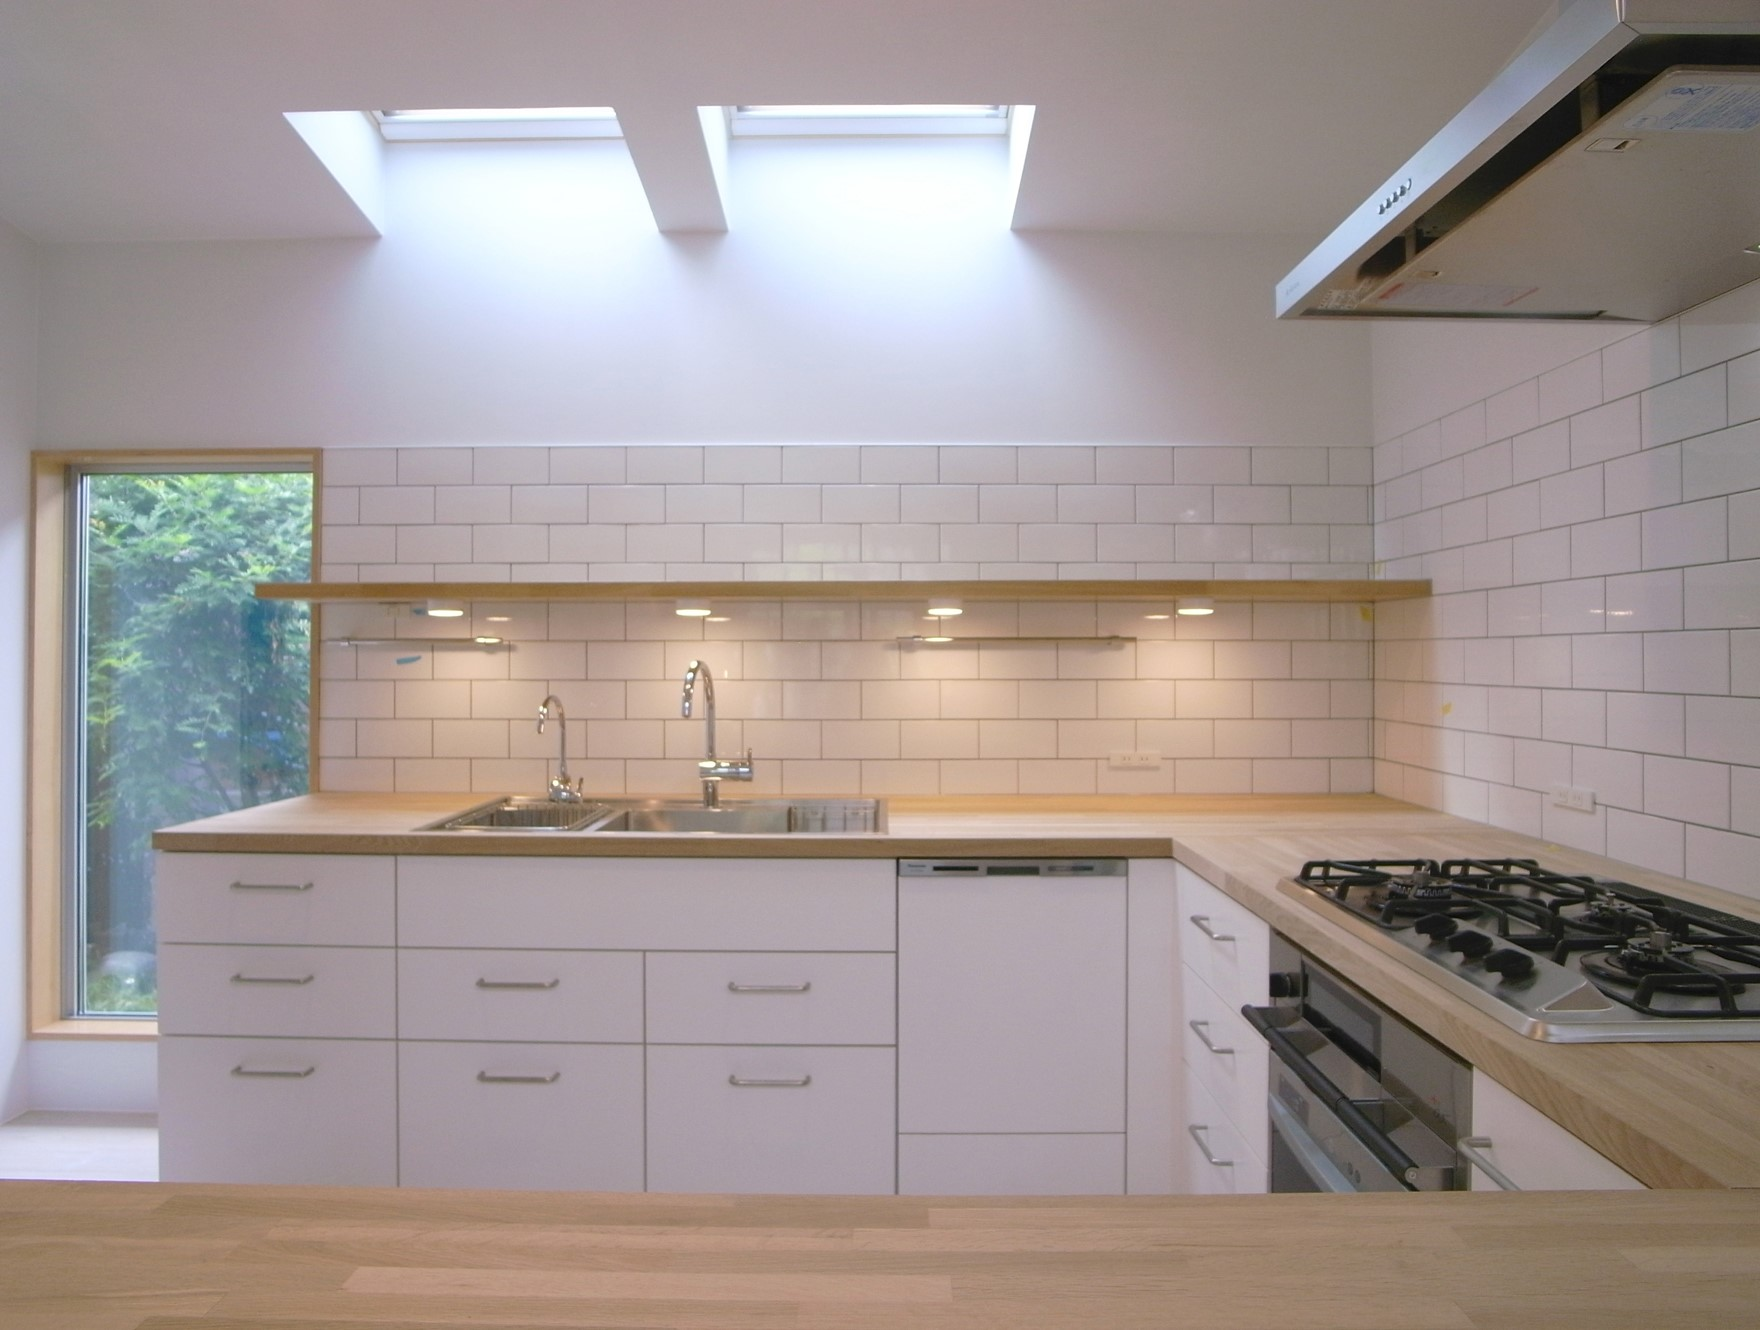 Illuminare le stanze buie di casa - Meglio luce calda o fredda in cucina ...